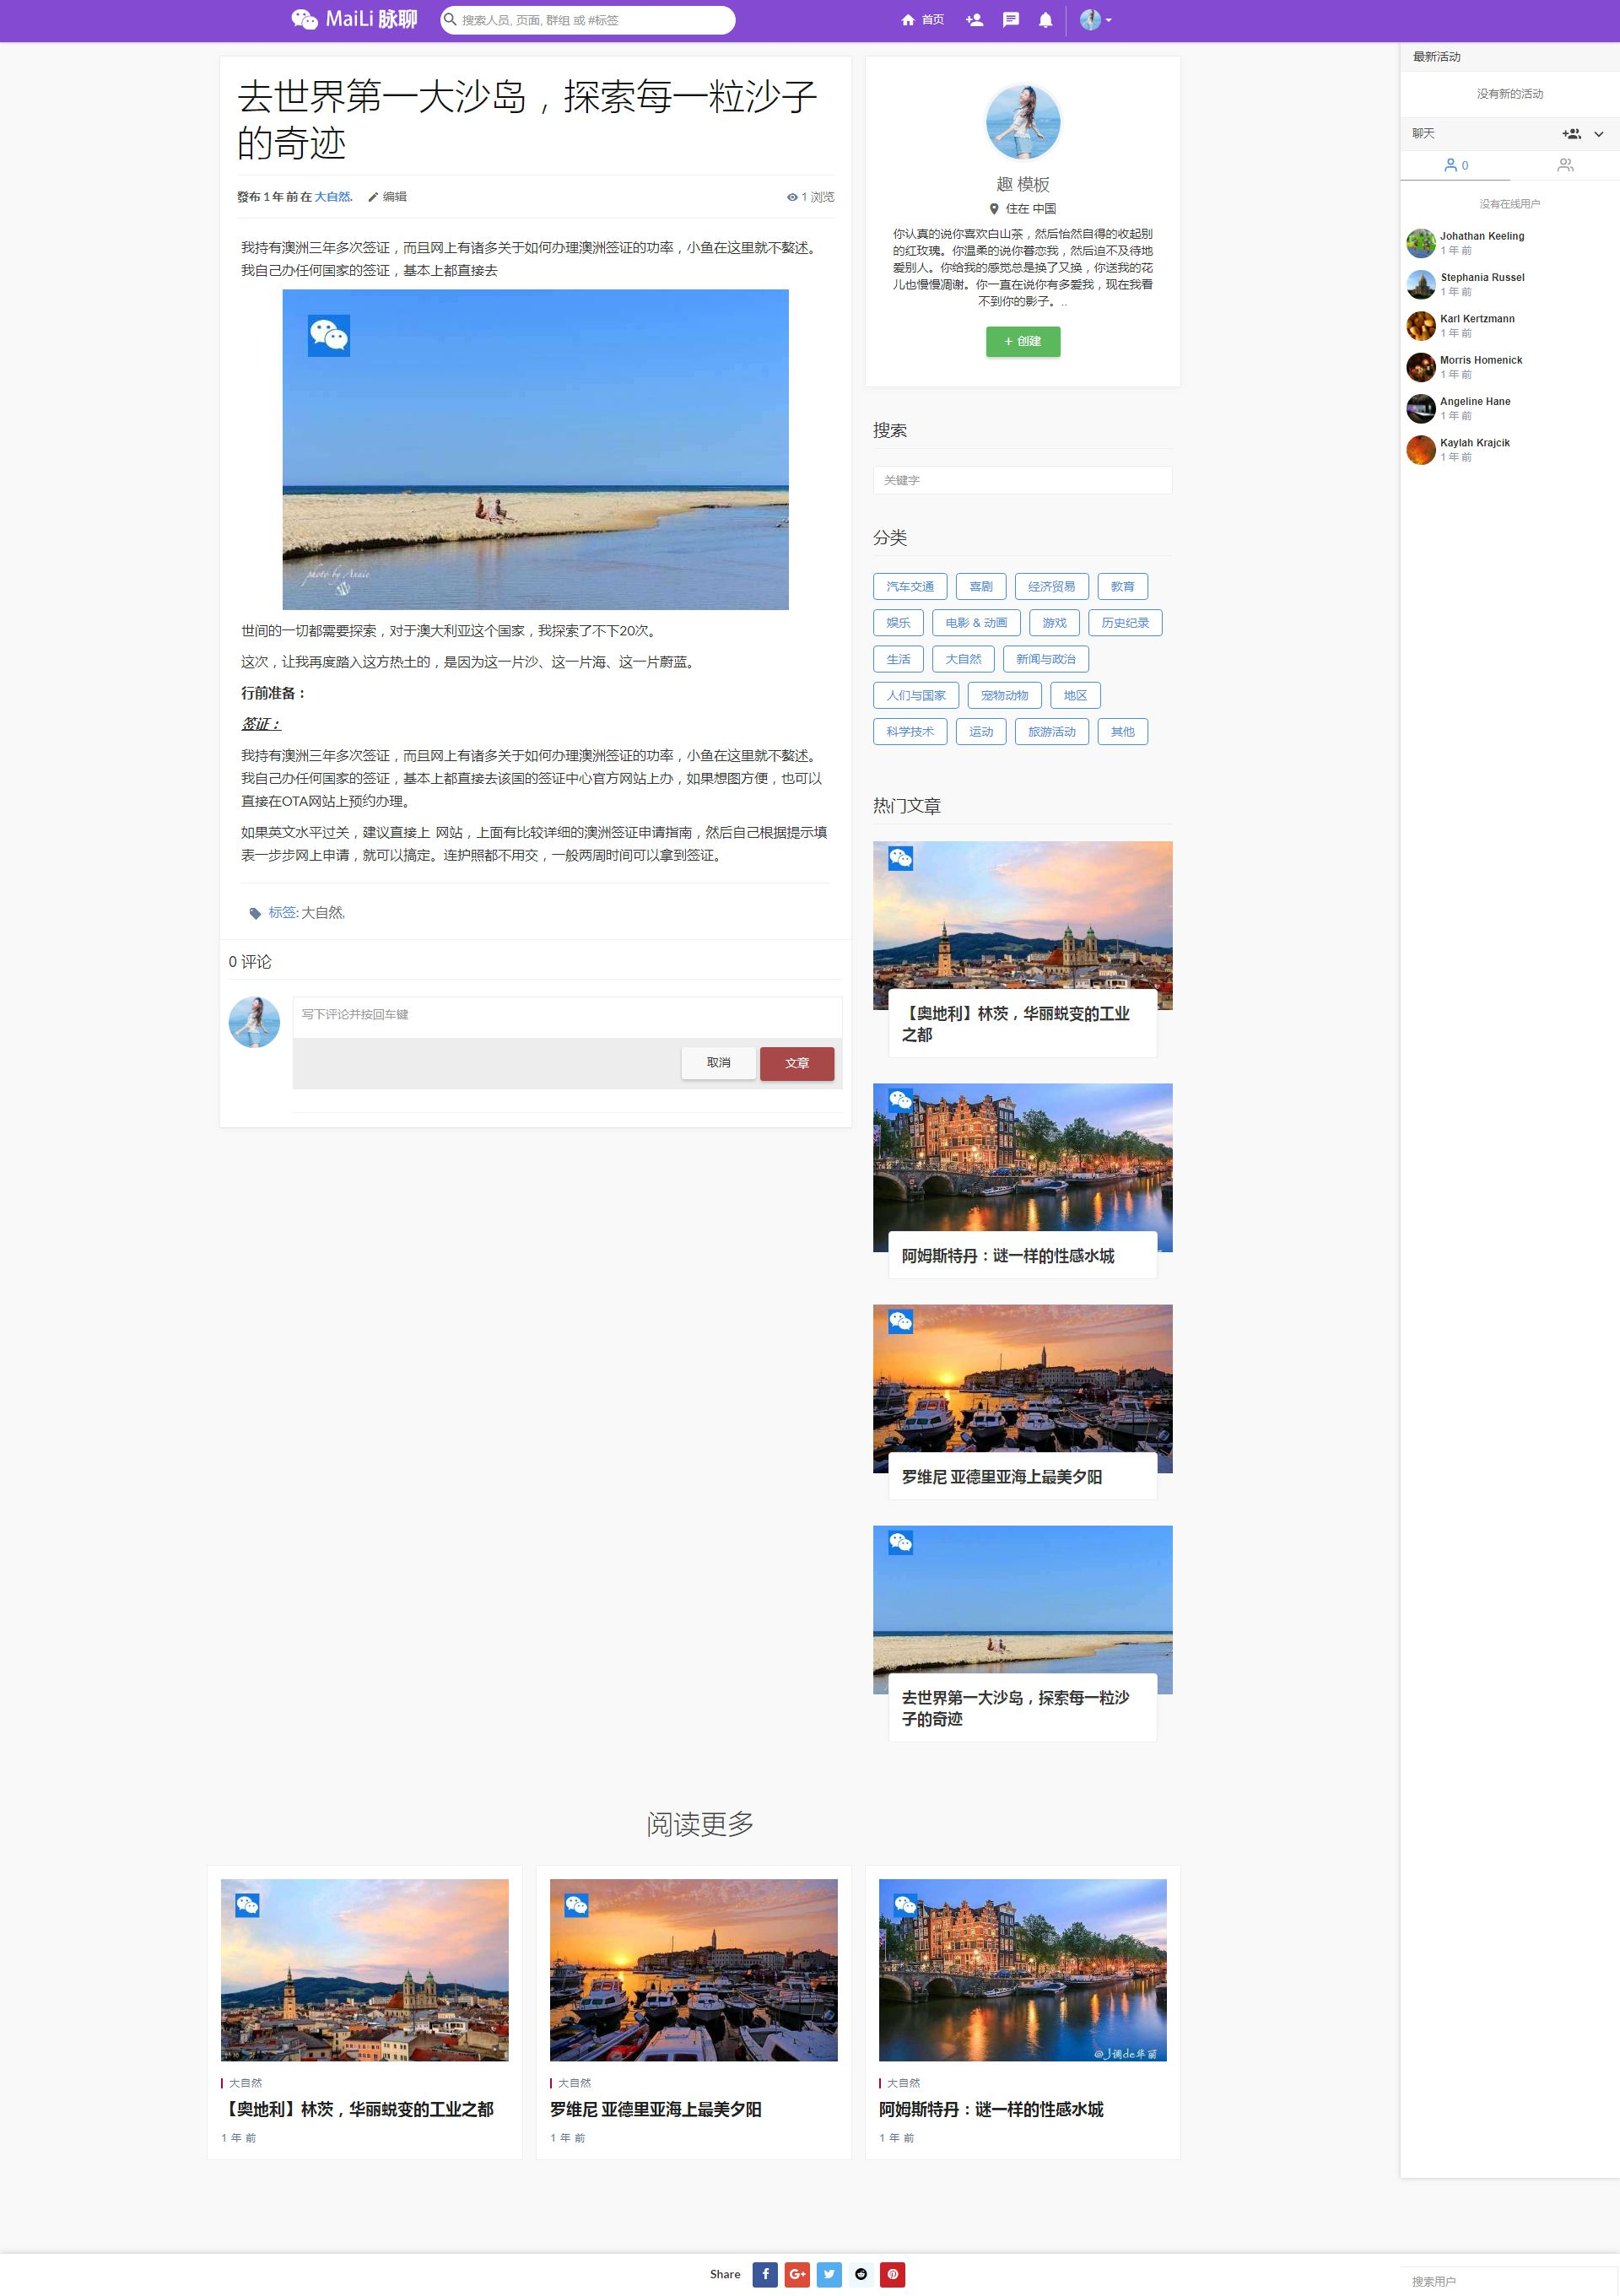 脉聊社交网站源码类似微博的社交源码 模板UI非常漂亮自适应手机版 重点是有原生APP 终身会员专享 第4张